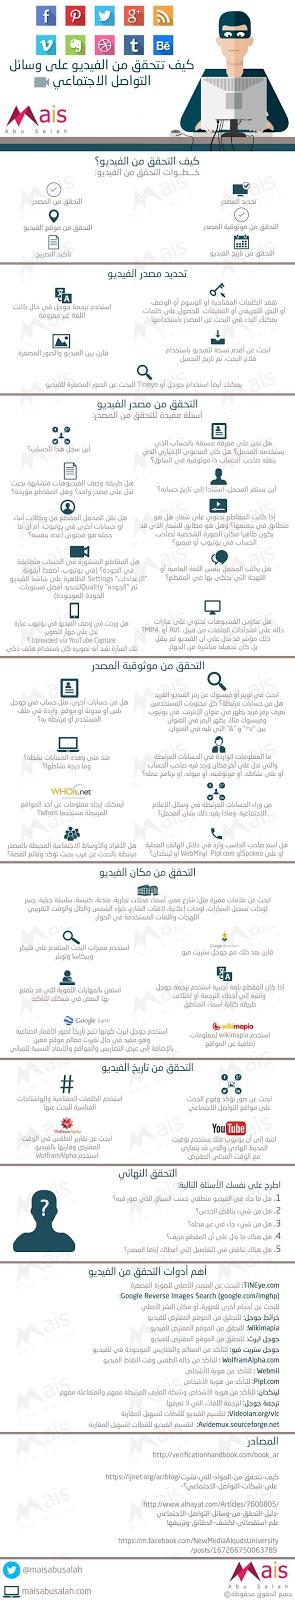 طرق وأدوات التحقق من الفيديو على مواقع التواصل الاجتماعي #انفوجرافيك